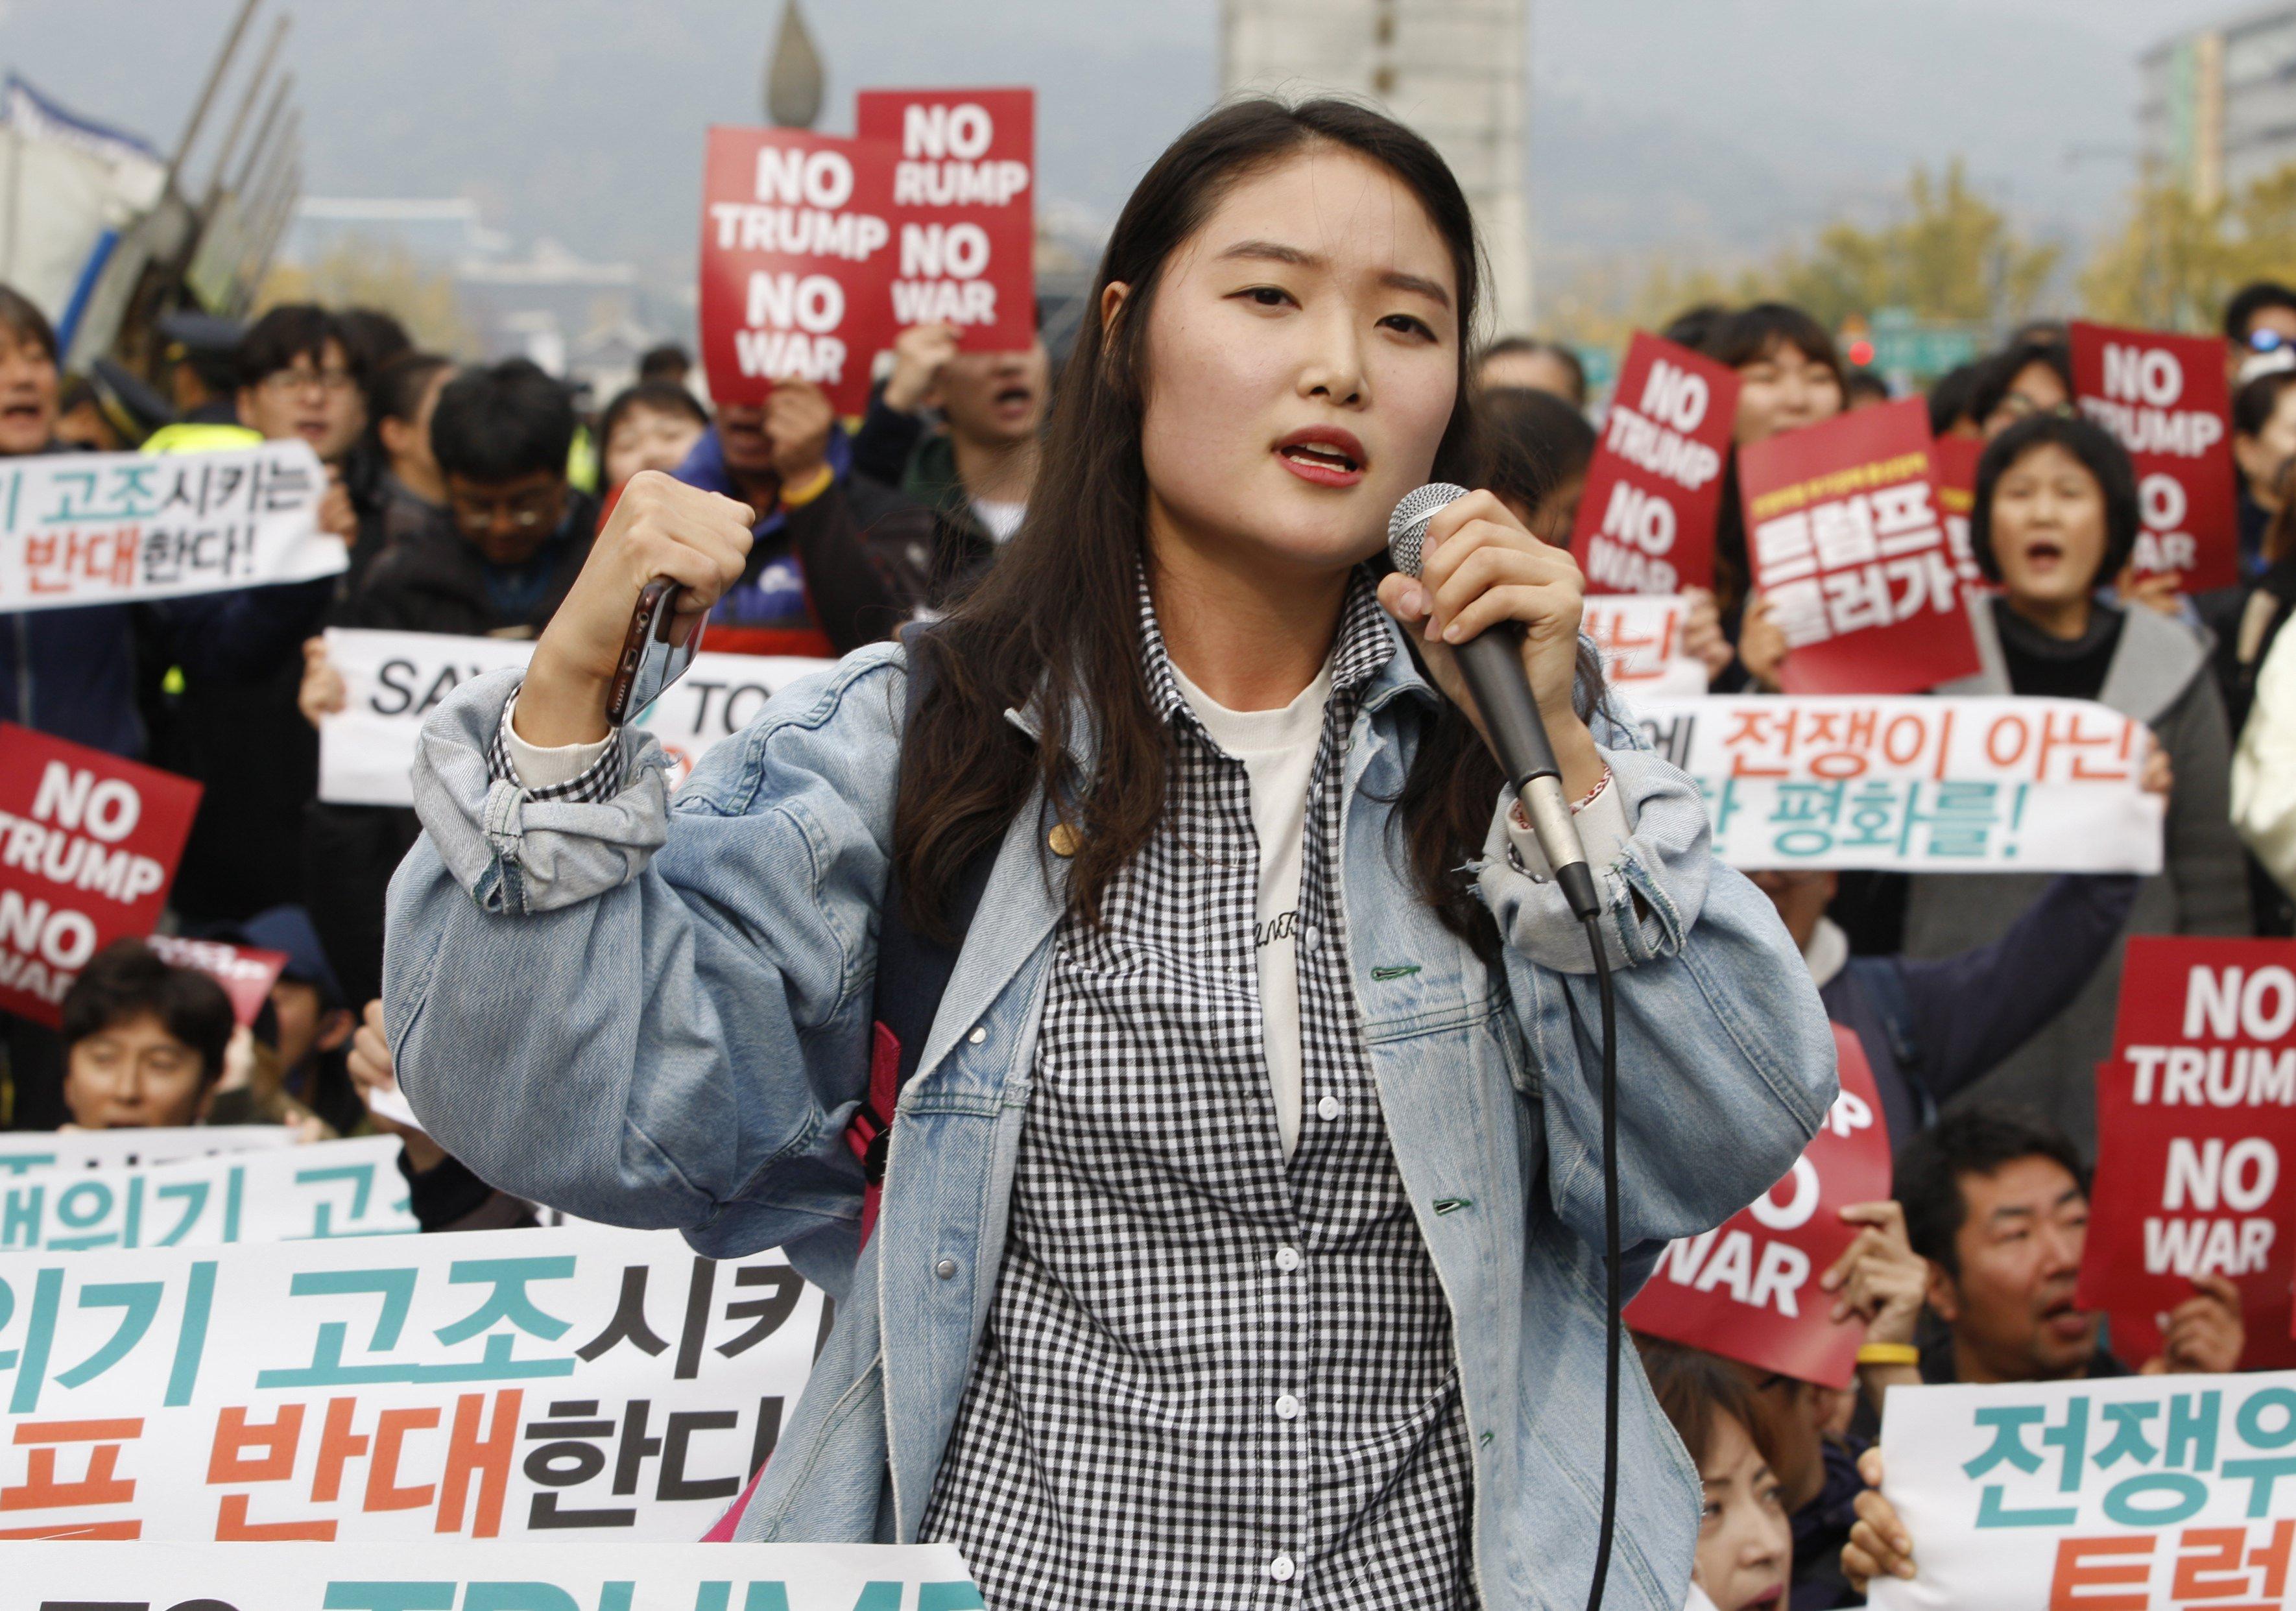 Protesta contra la visita del president dels Estats Units, Donald Trump, a Corea del Sud. /KIM HEE-CHUL